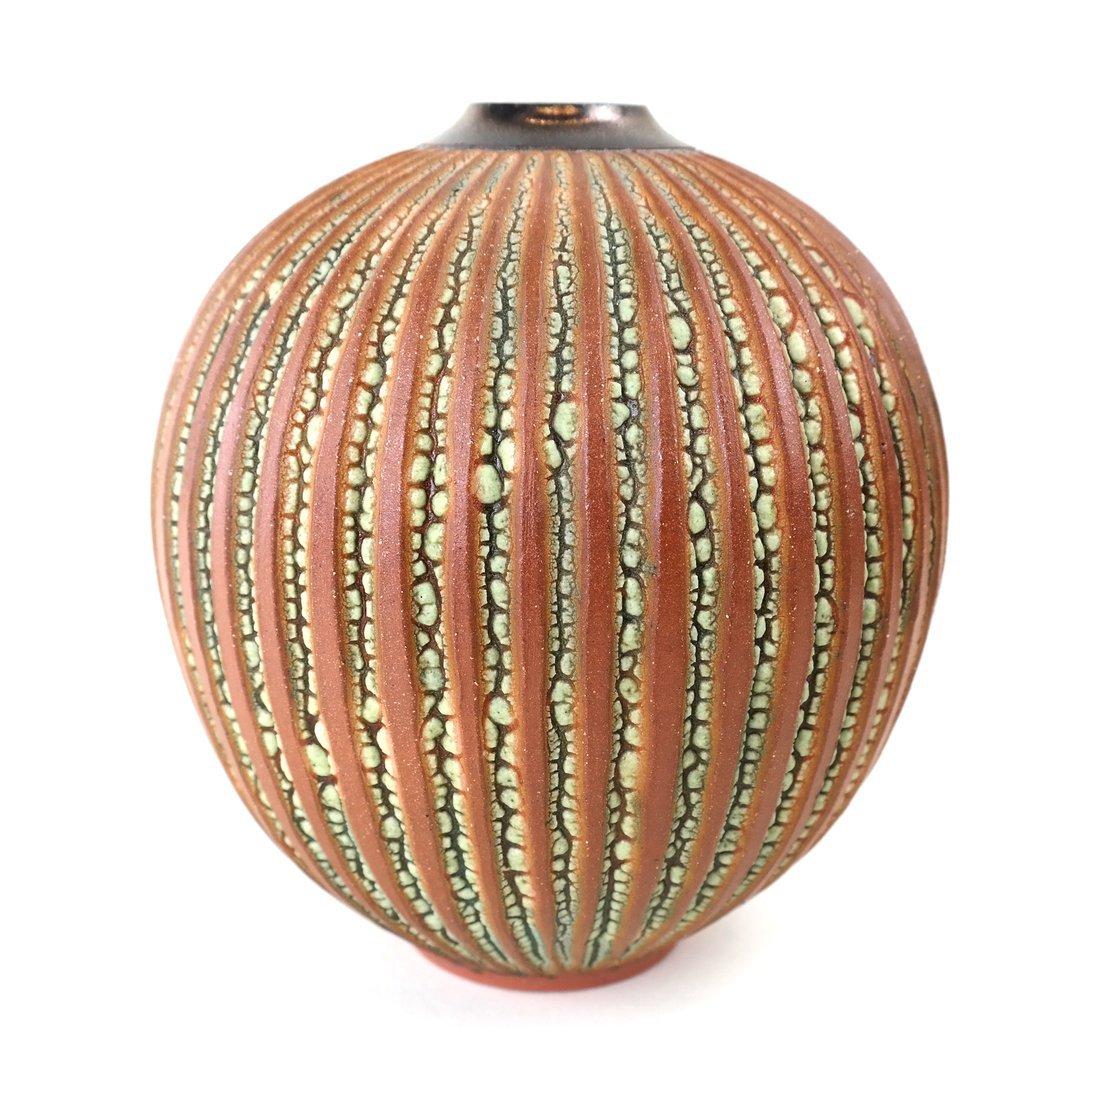 A Ceramic Ribbed Vase